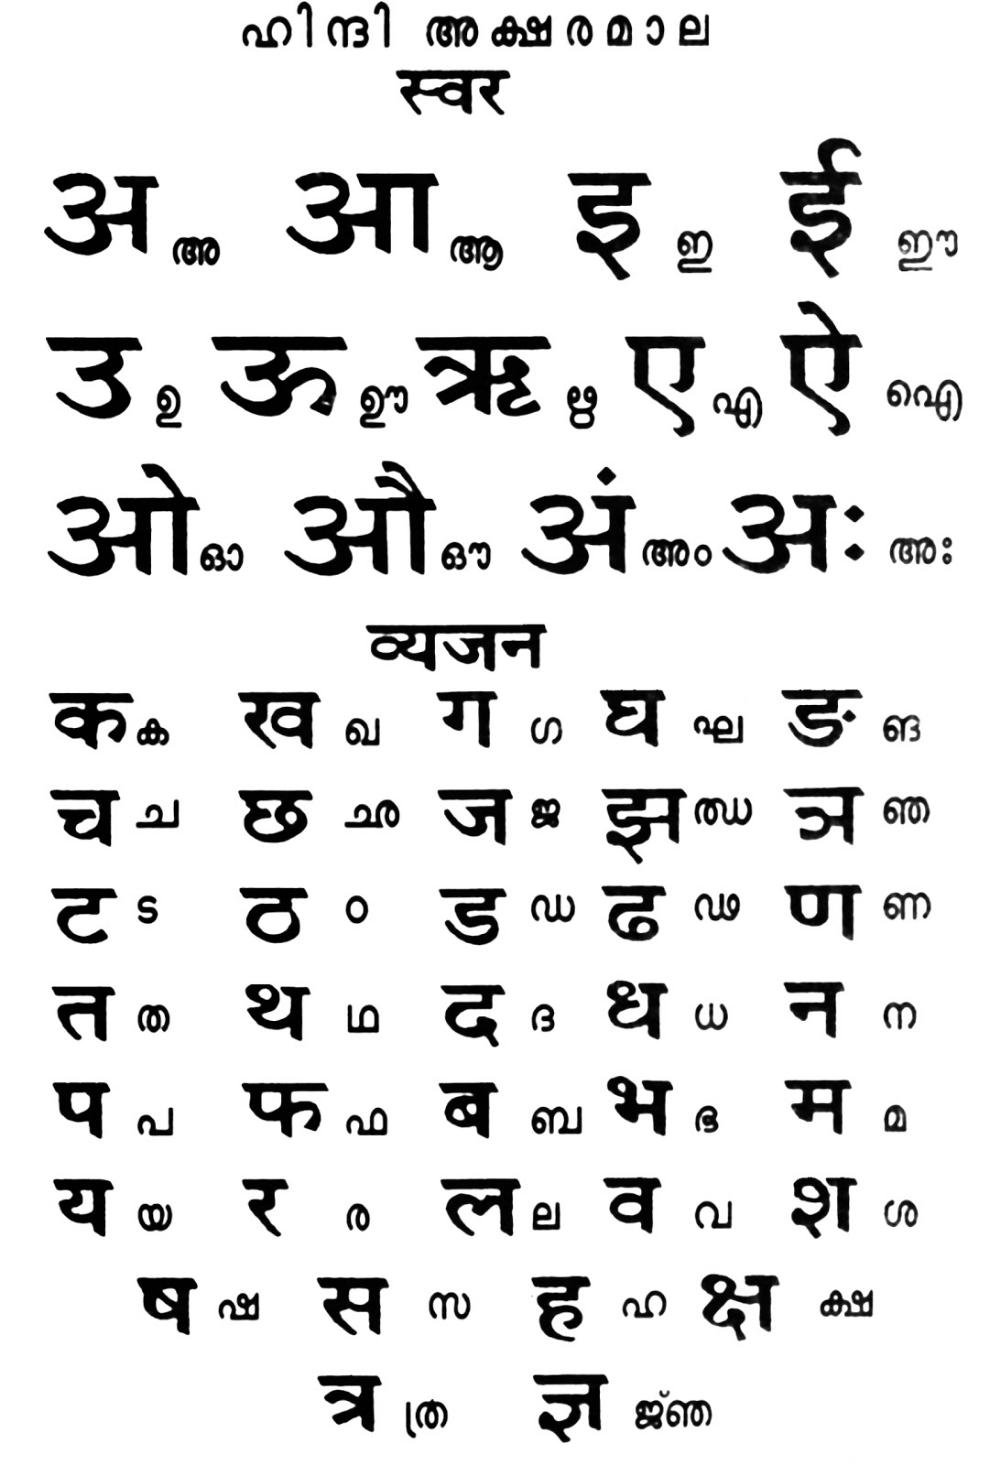 Pin By Rajeev S On Paper Hindi Alphabet Alphabet Worksheets Language Worksheets [ 1465 x 1000 Pixel ]